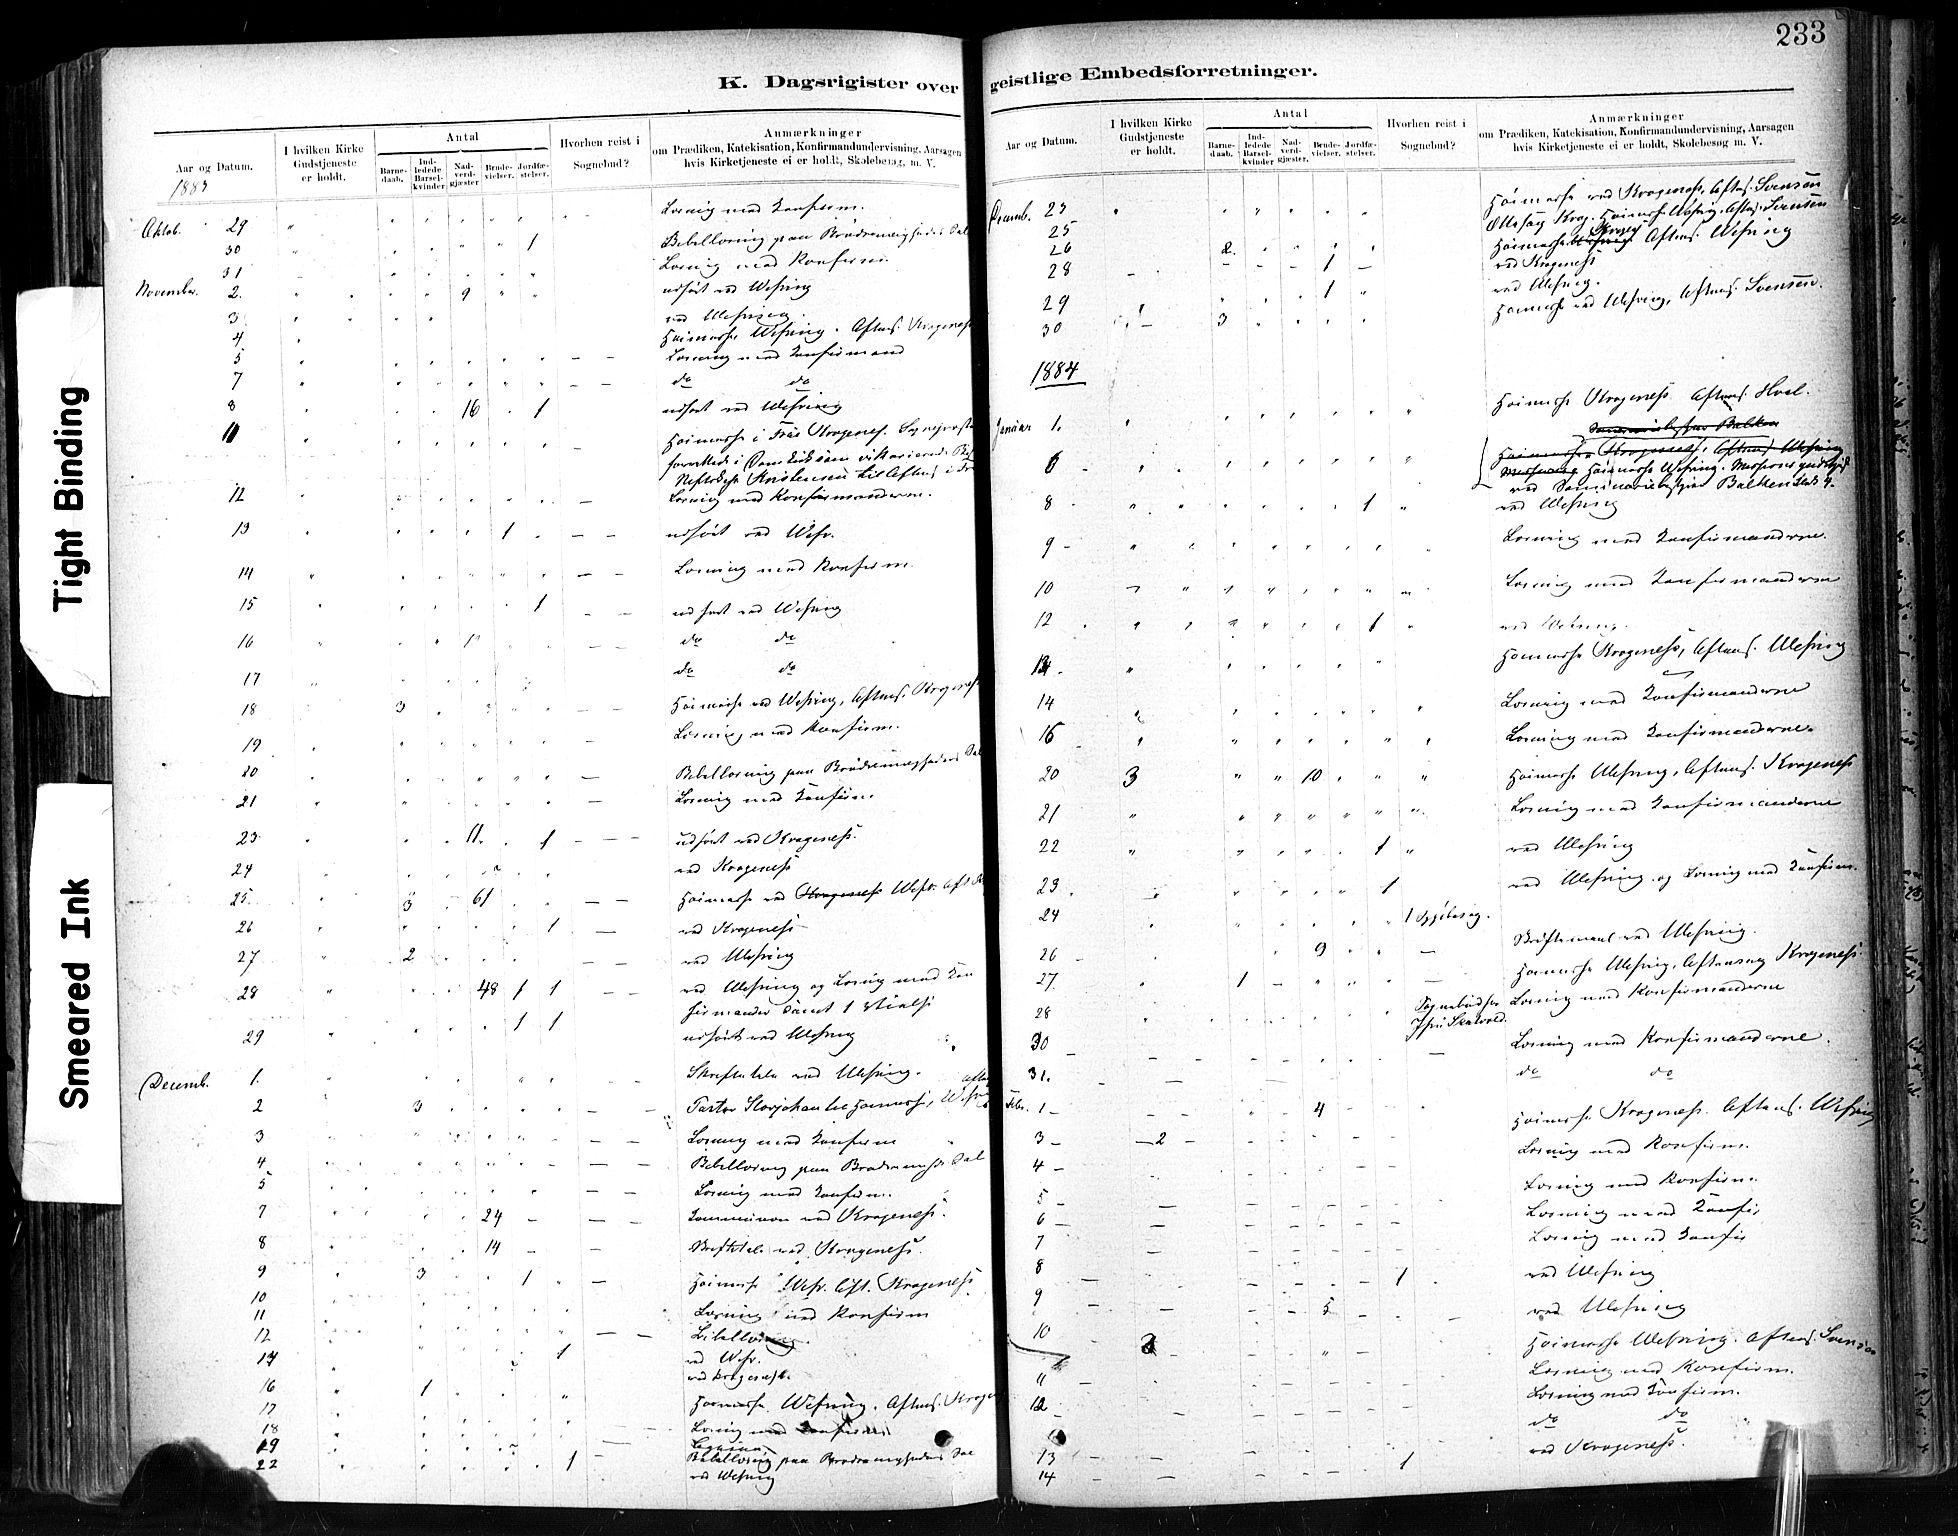 SAT, Ministerialprotokoller, klokkerbøker og fødselsregistre - Sør-Trøndelag, 602/L0120: Ministerialbok nr. 602A18, 1880-1913, s. 233